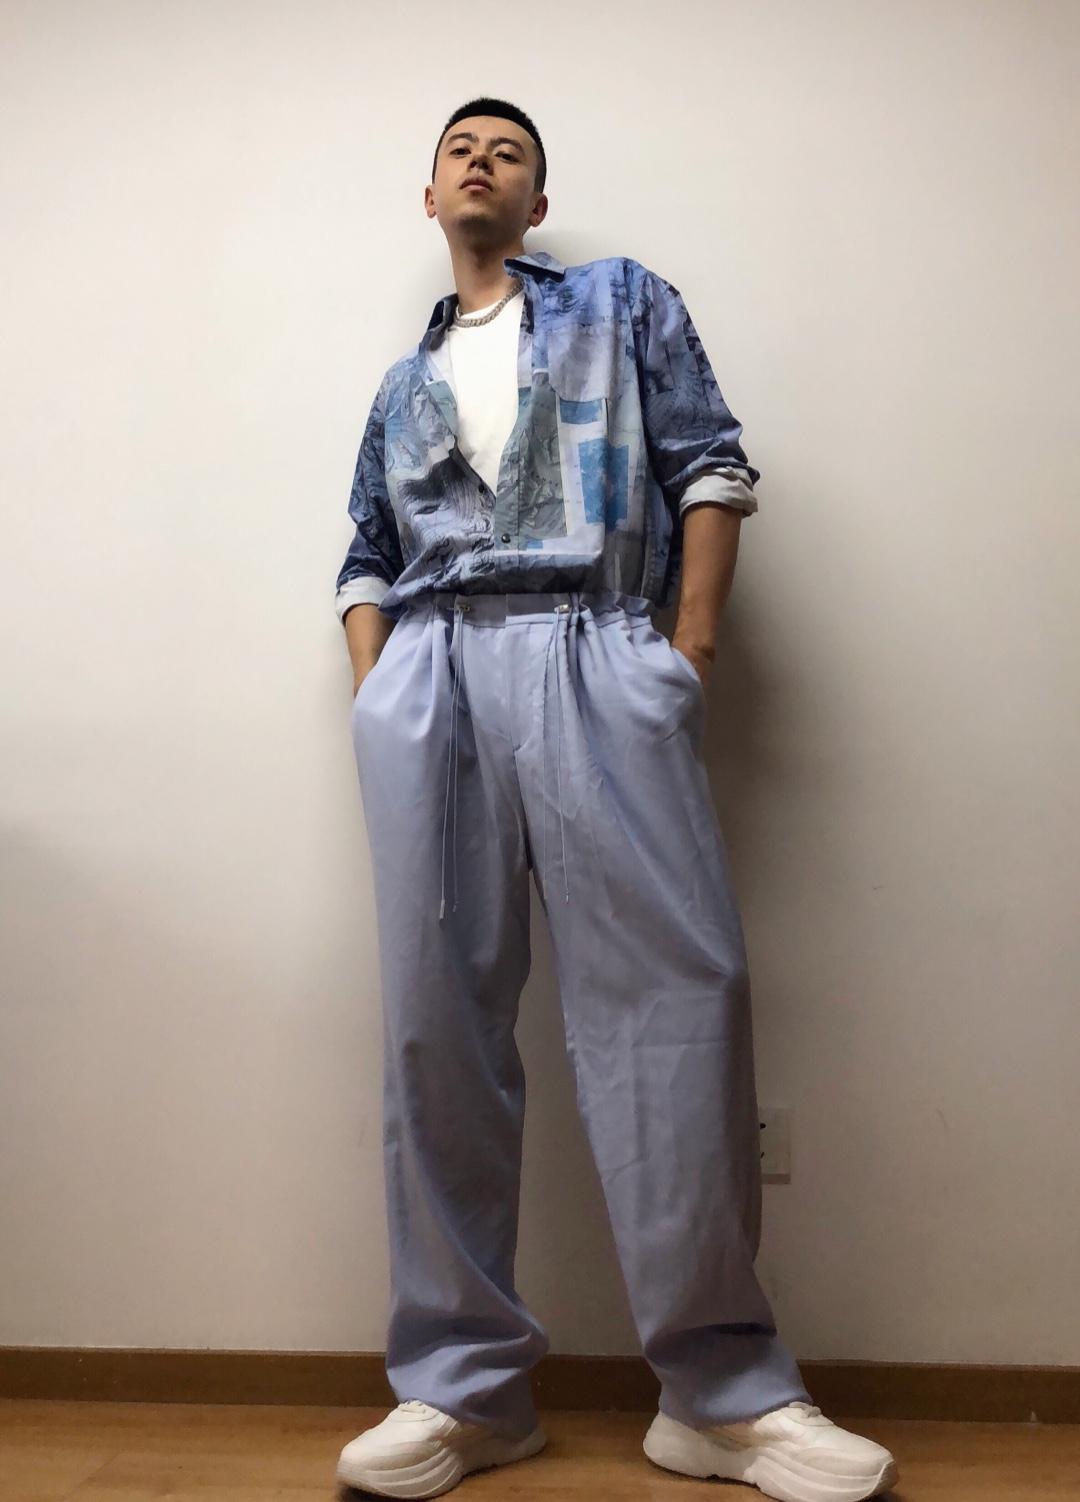 淡紫色抽绳宽松西裤,搭配航海风印花衬衫,再穿双小白鞋、戴条链子,带来清爽又复古的雅痞街头感。#端午假,做朋友圈点赞收割机#